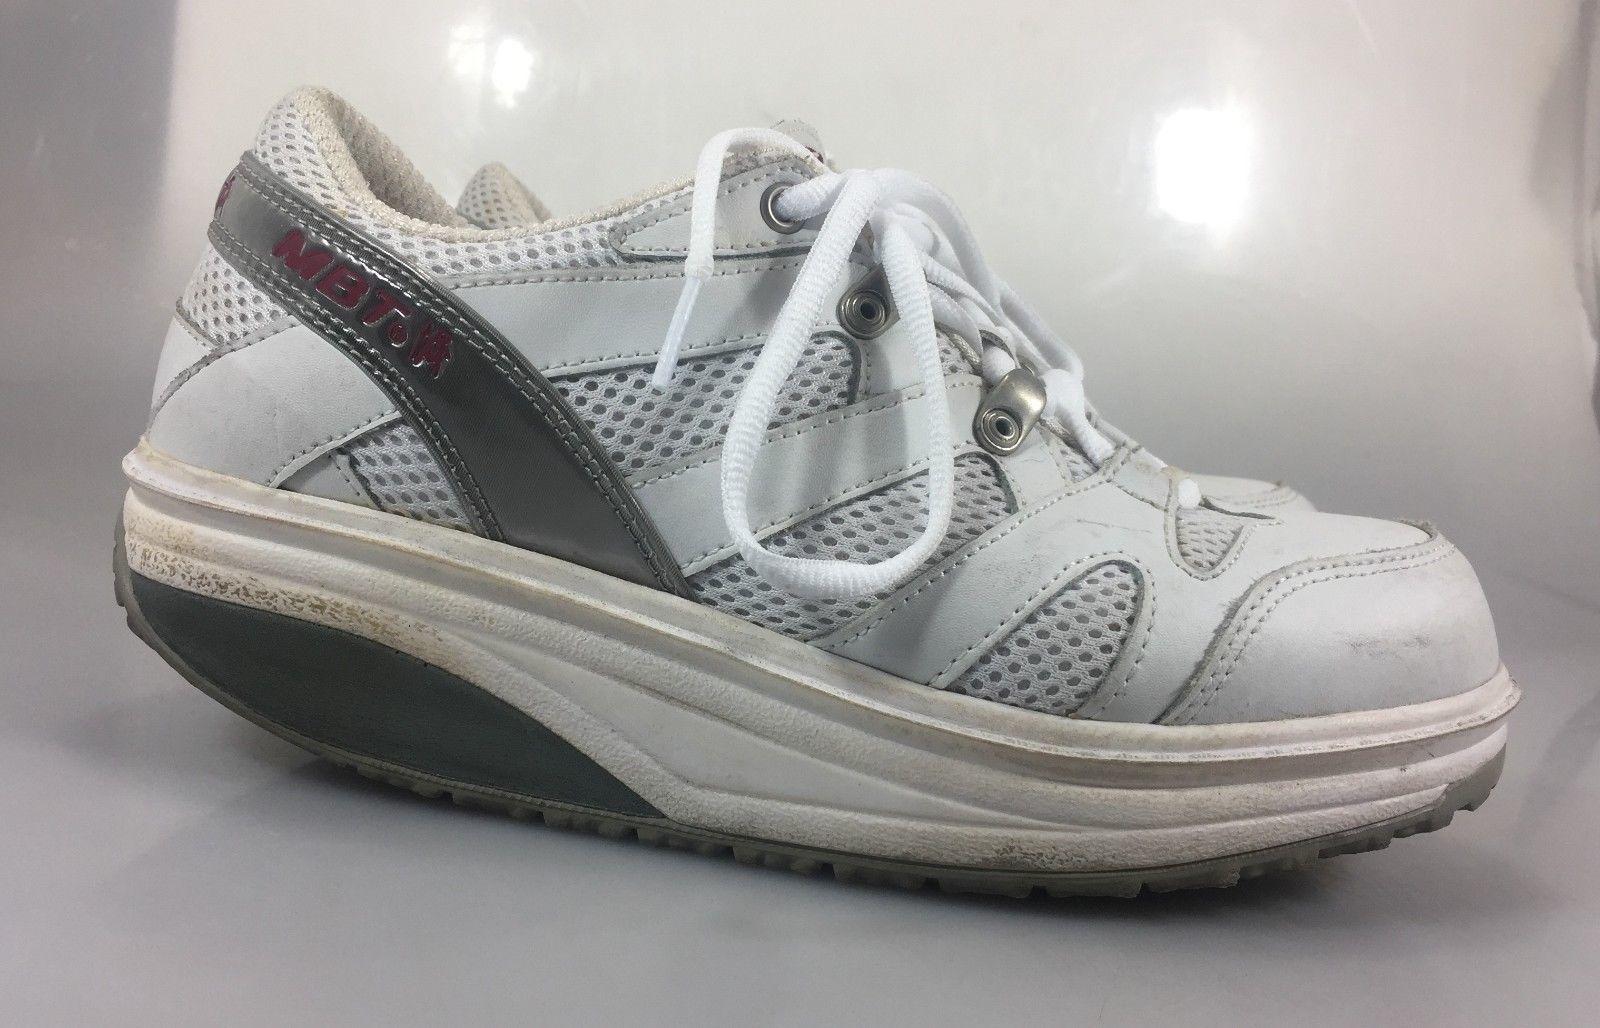 ... MBT Sport Walking Shoe Women 7.5 Men 5.5 White 37 2/3 EU White ...